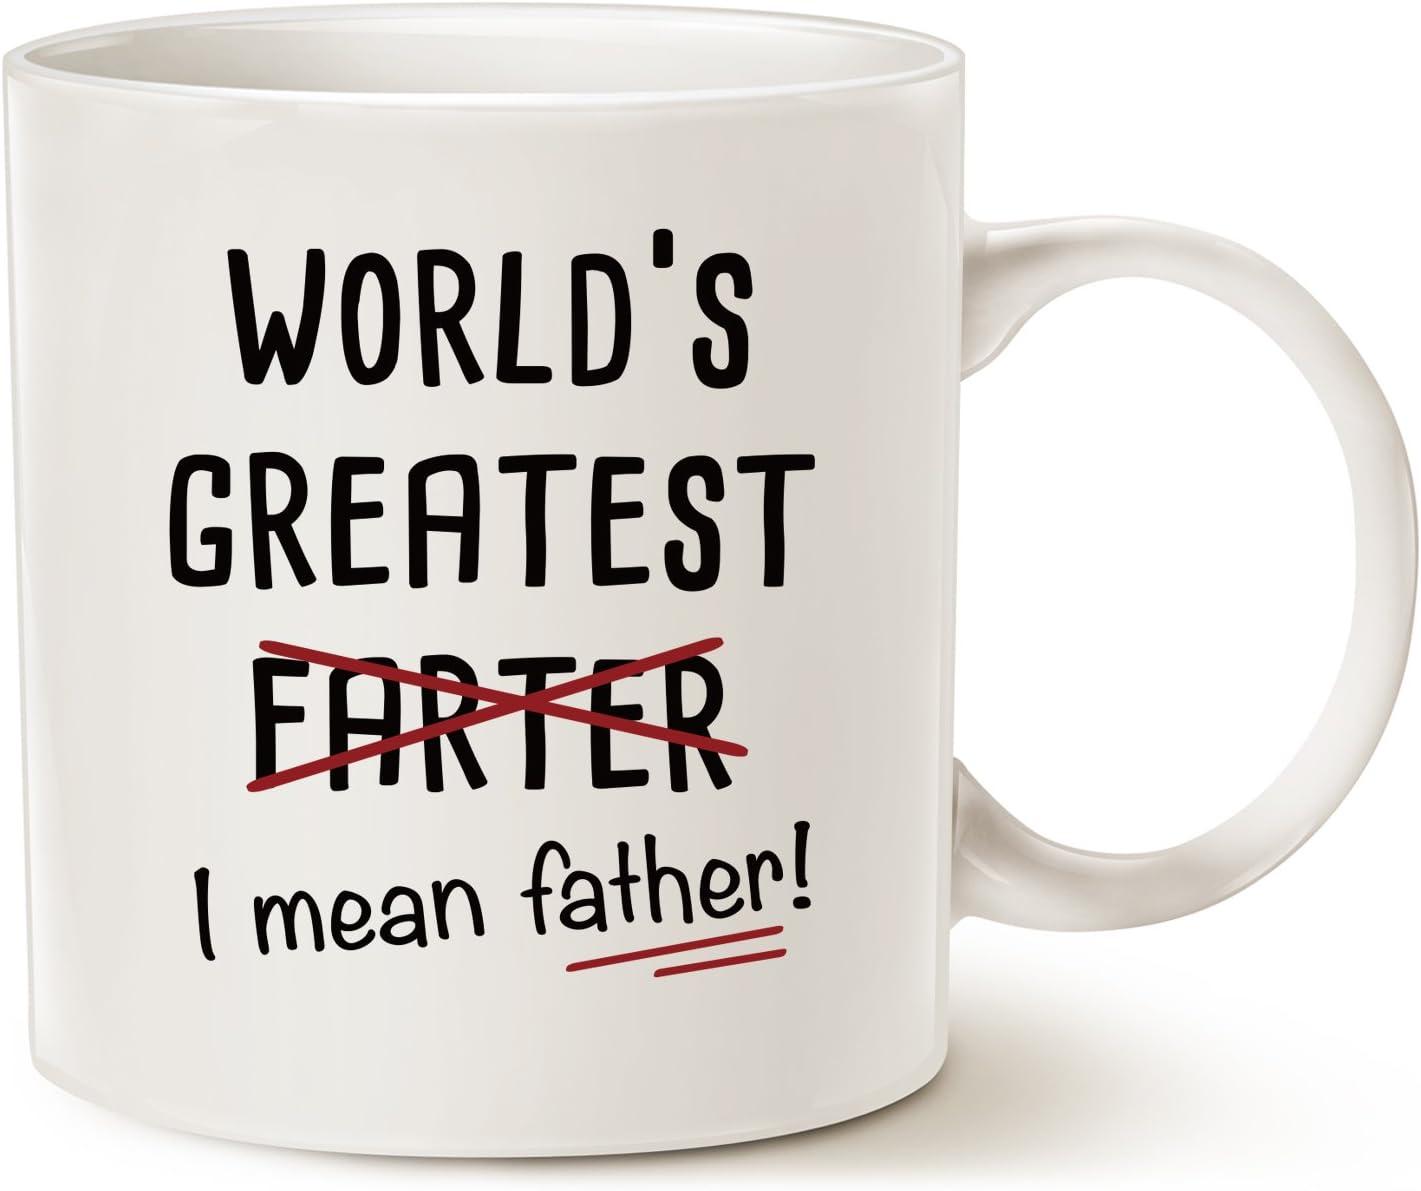 MAUAG Divertida taza de café de Papá Noel Regalos – El más grande del mundo más Farter I Media Padre – Mejores regalos de oficina y hogar para papá taza de porcelana blanco, 14 oz por LaTazas